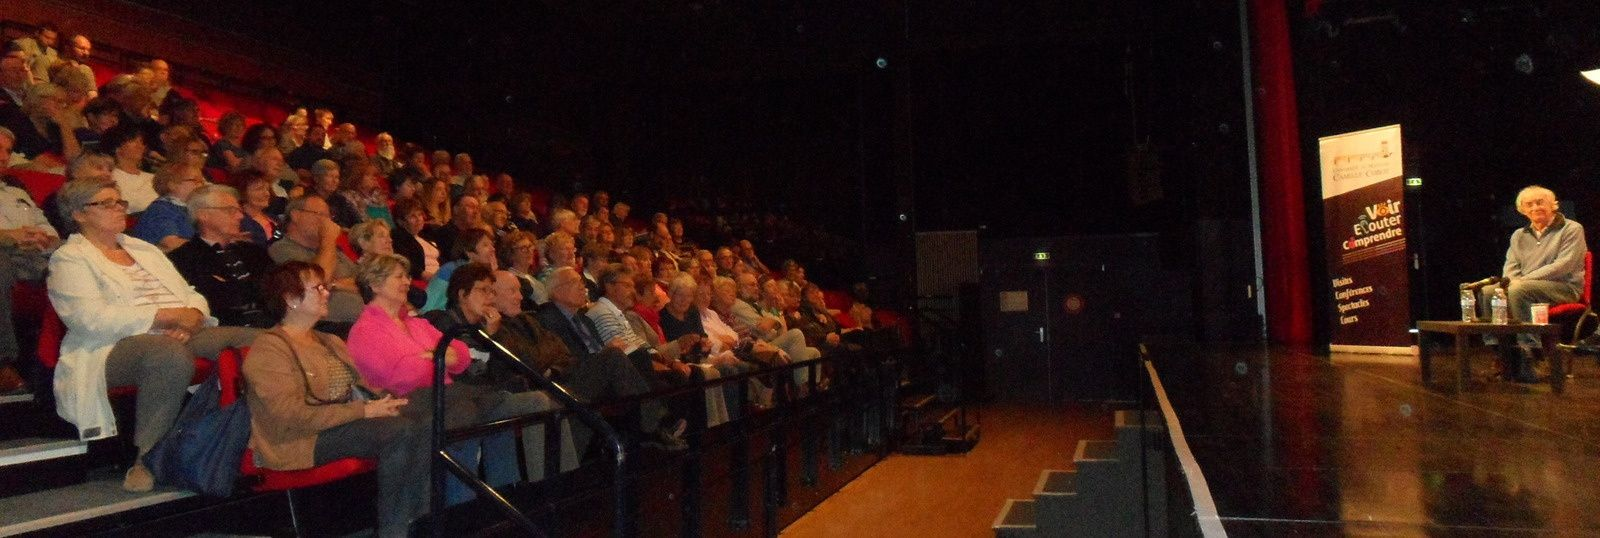 Un public nombreux pour écouter M. Pinçon-Charlot et M. Charlot